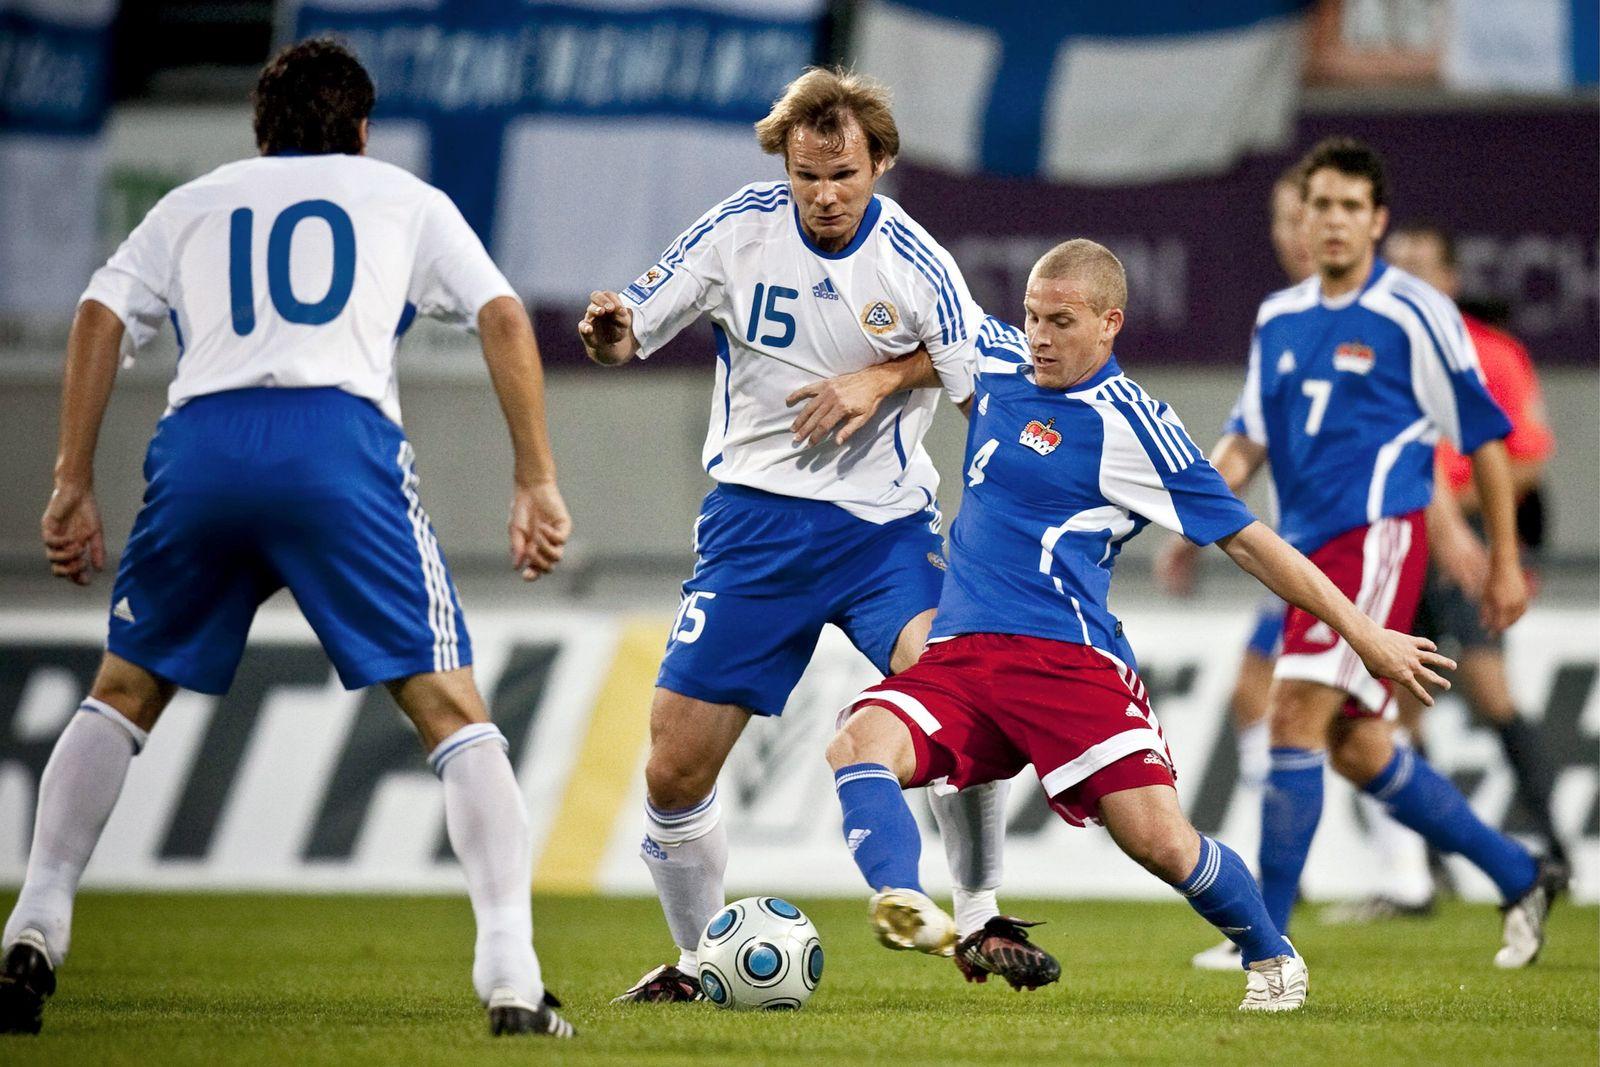 Fussball / WM-Qualifikation / Liechtenstein vs Finnland